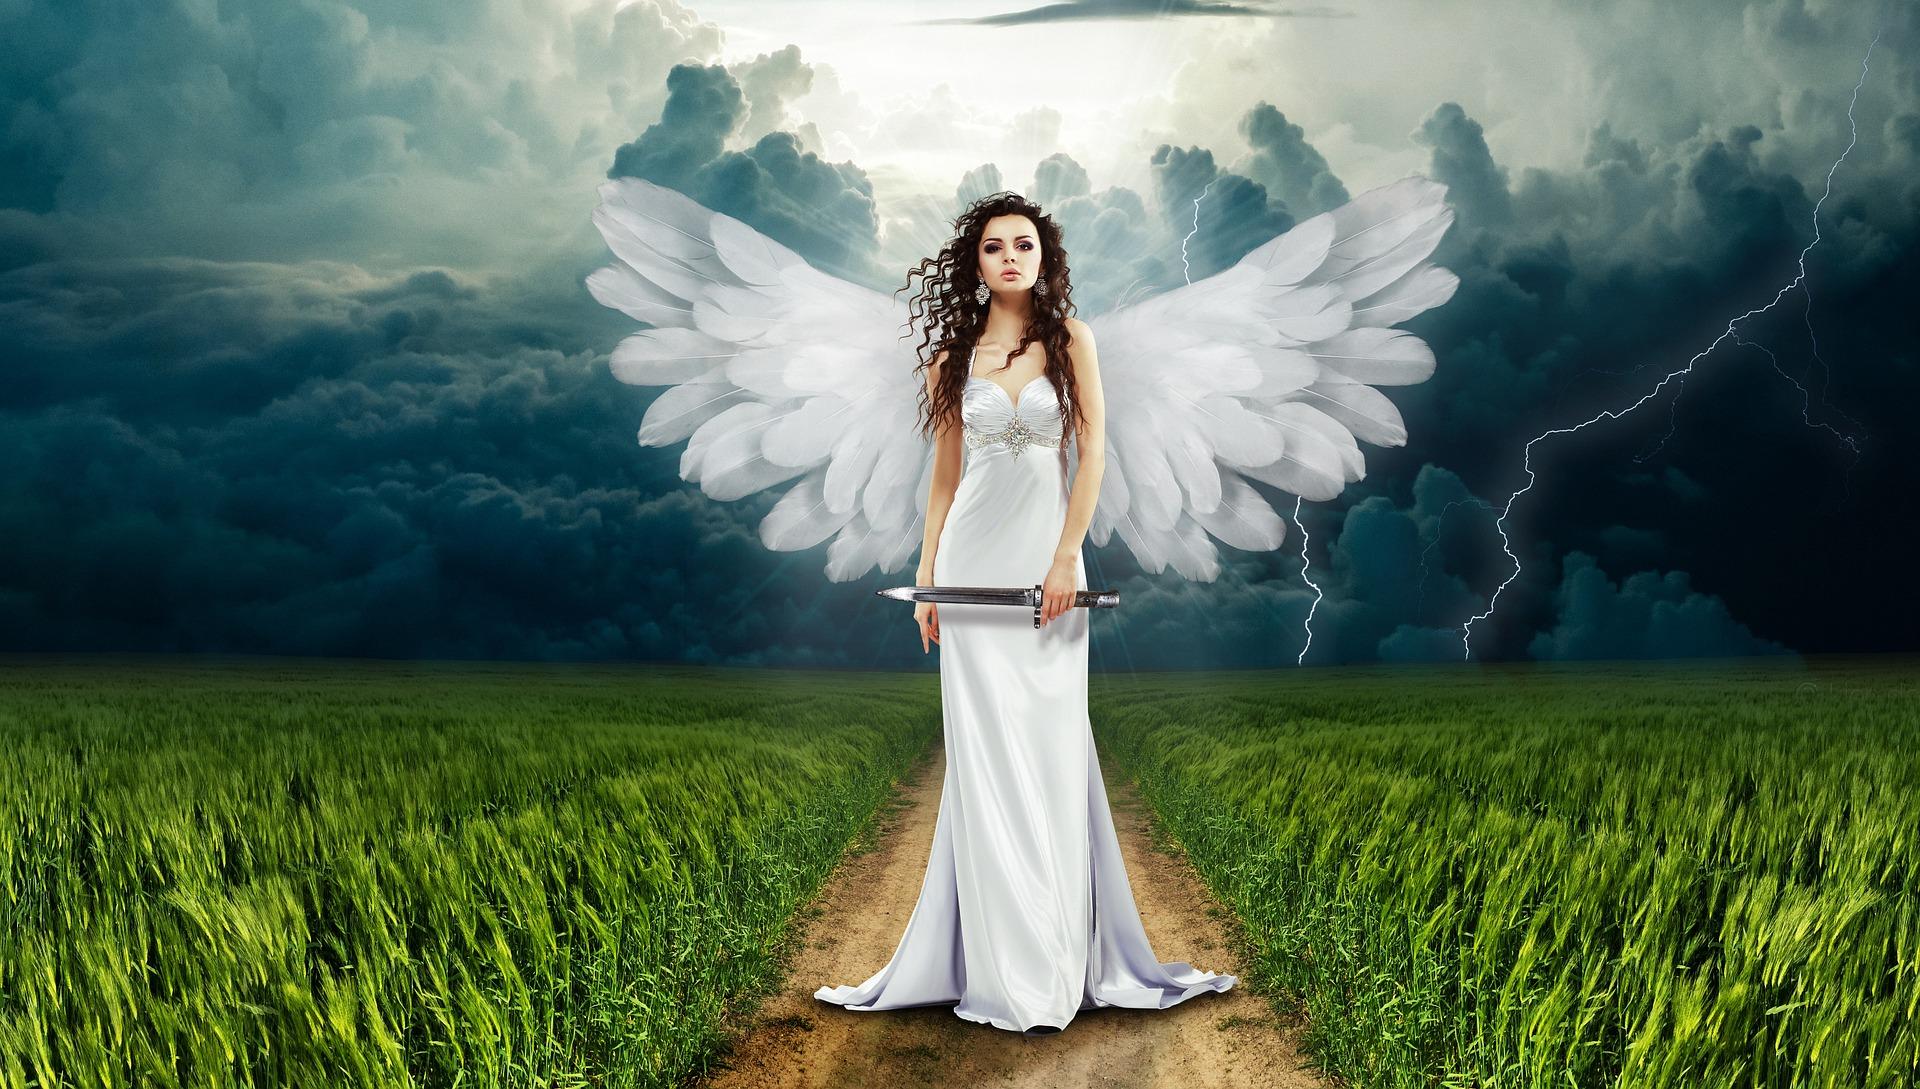 Anjo, mulher, punhal, asas, nuvens - Papéis de parede HD - Professor-falken.com